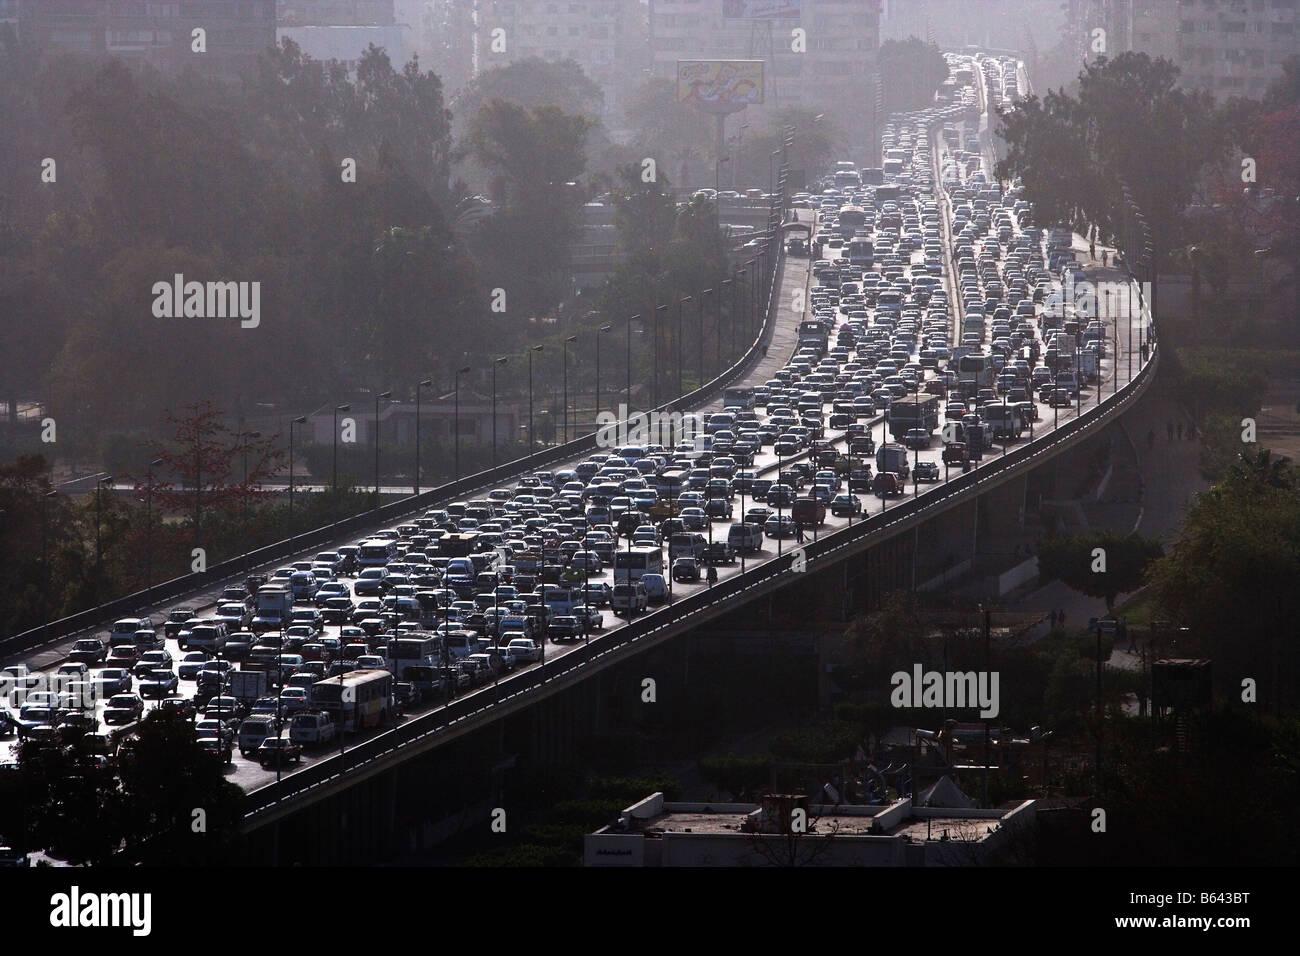 Egypt, Cairo, Traffic jam. - Stock Image